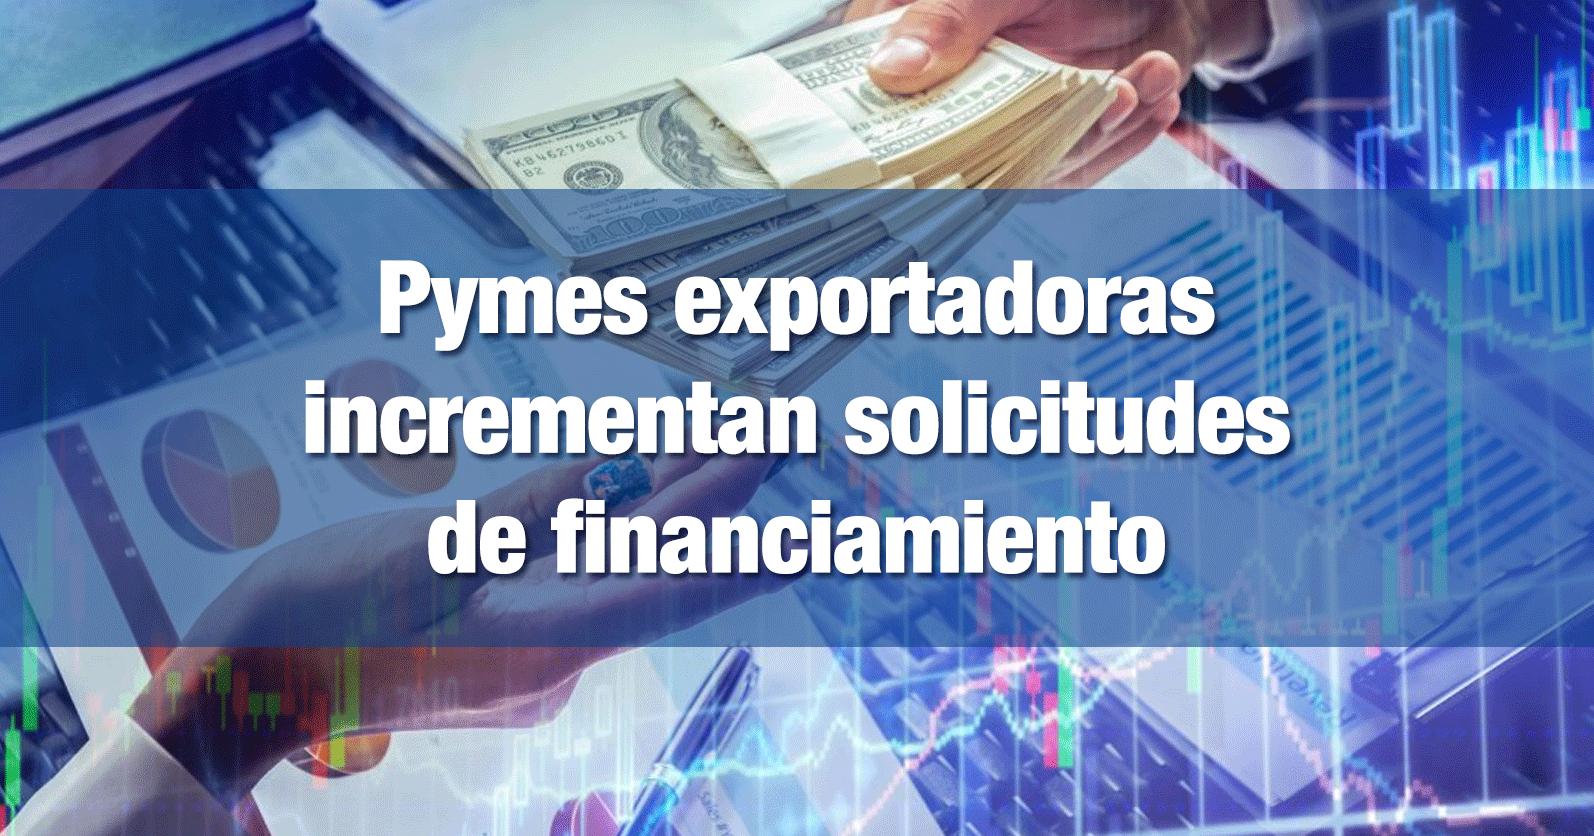 Pymes exportadoras incrementan solicitudes de financiamiento